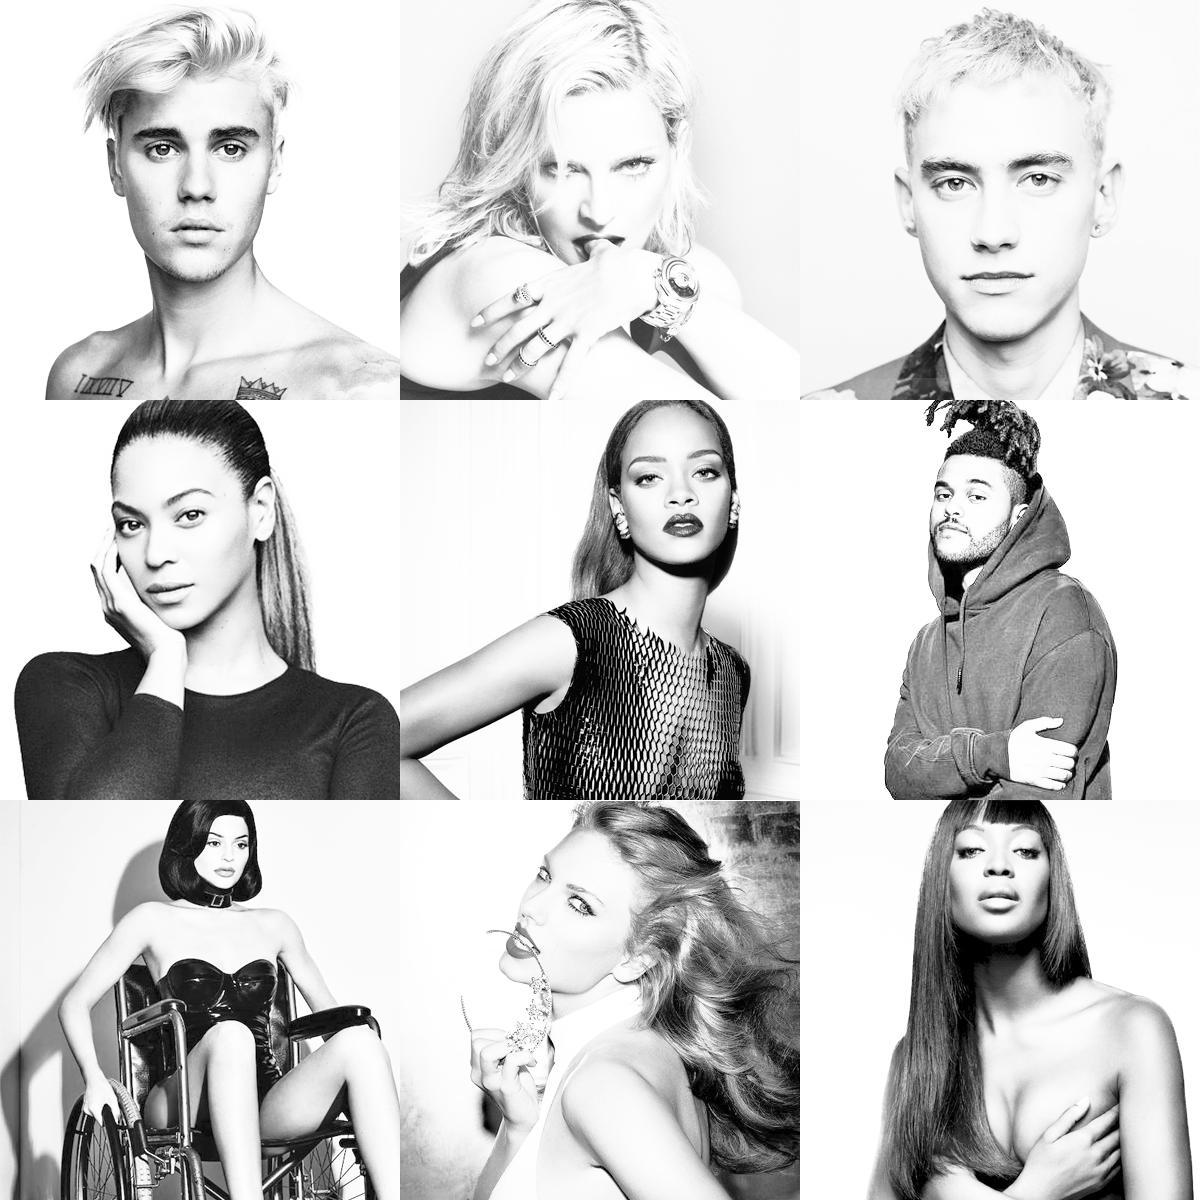 セレブリティ・ウォッチャーが選ぶ、2015年最も世間を騒がせたファッションセレブリティ10人